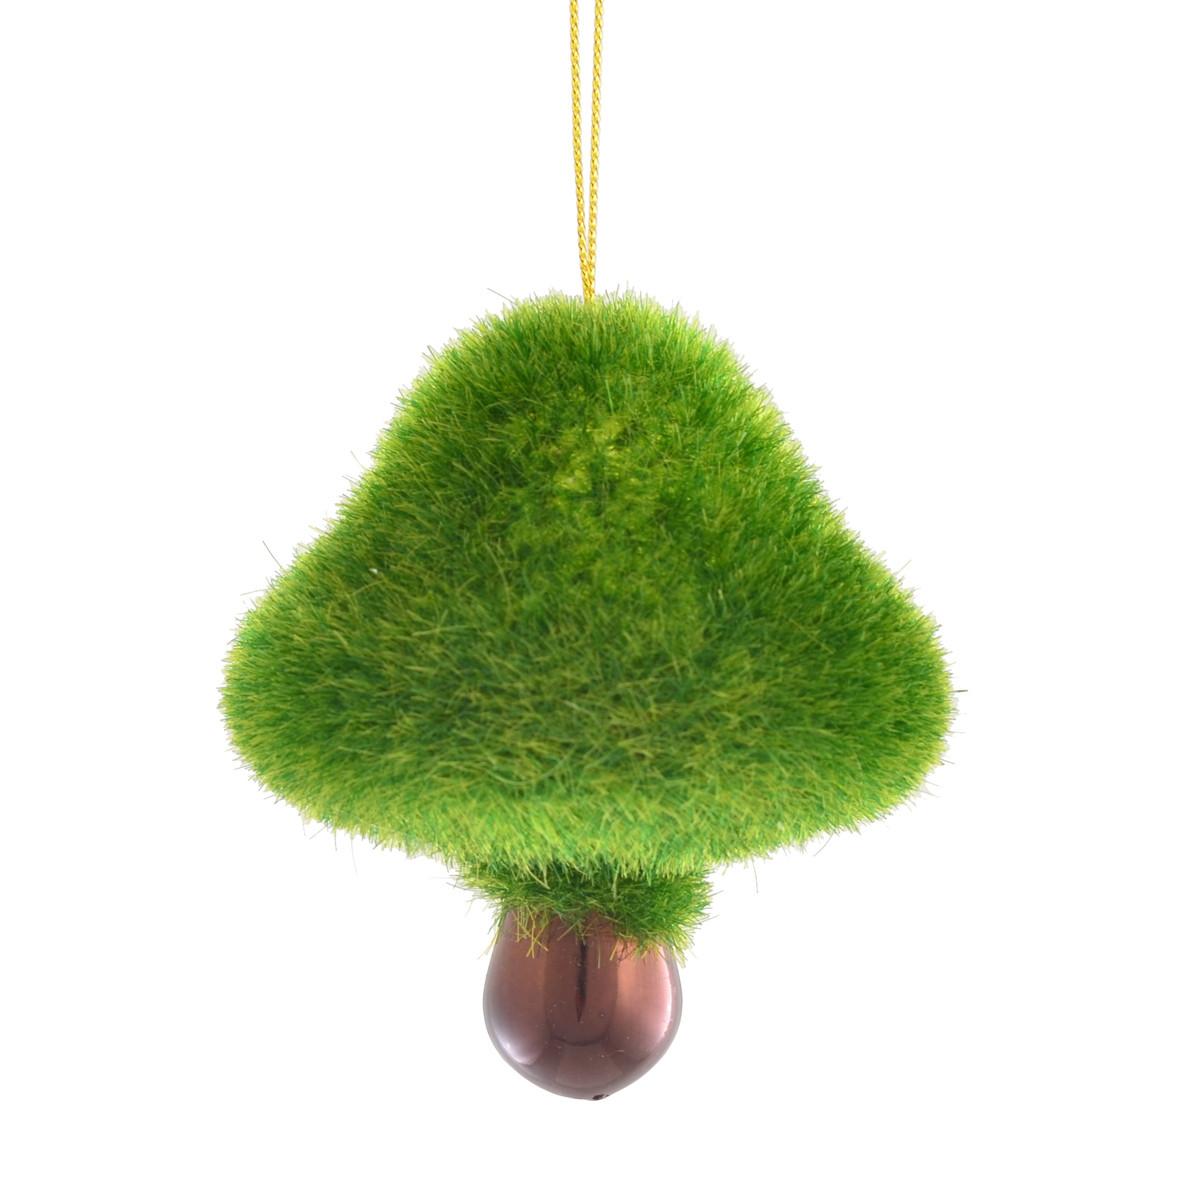 Игрушка новогодняя Лесной гриб d-5.5 см, зеленый YES! Fun 972910